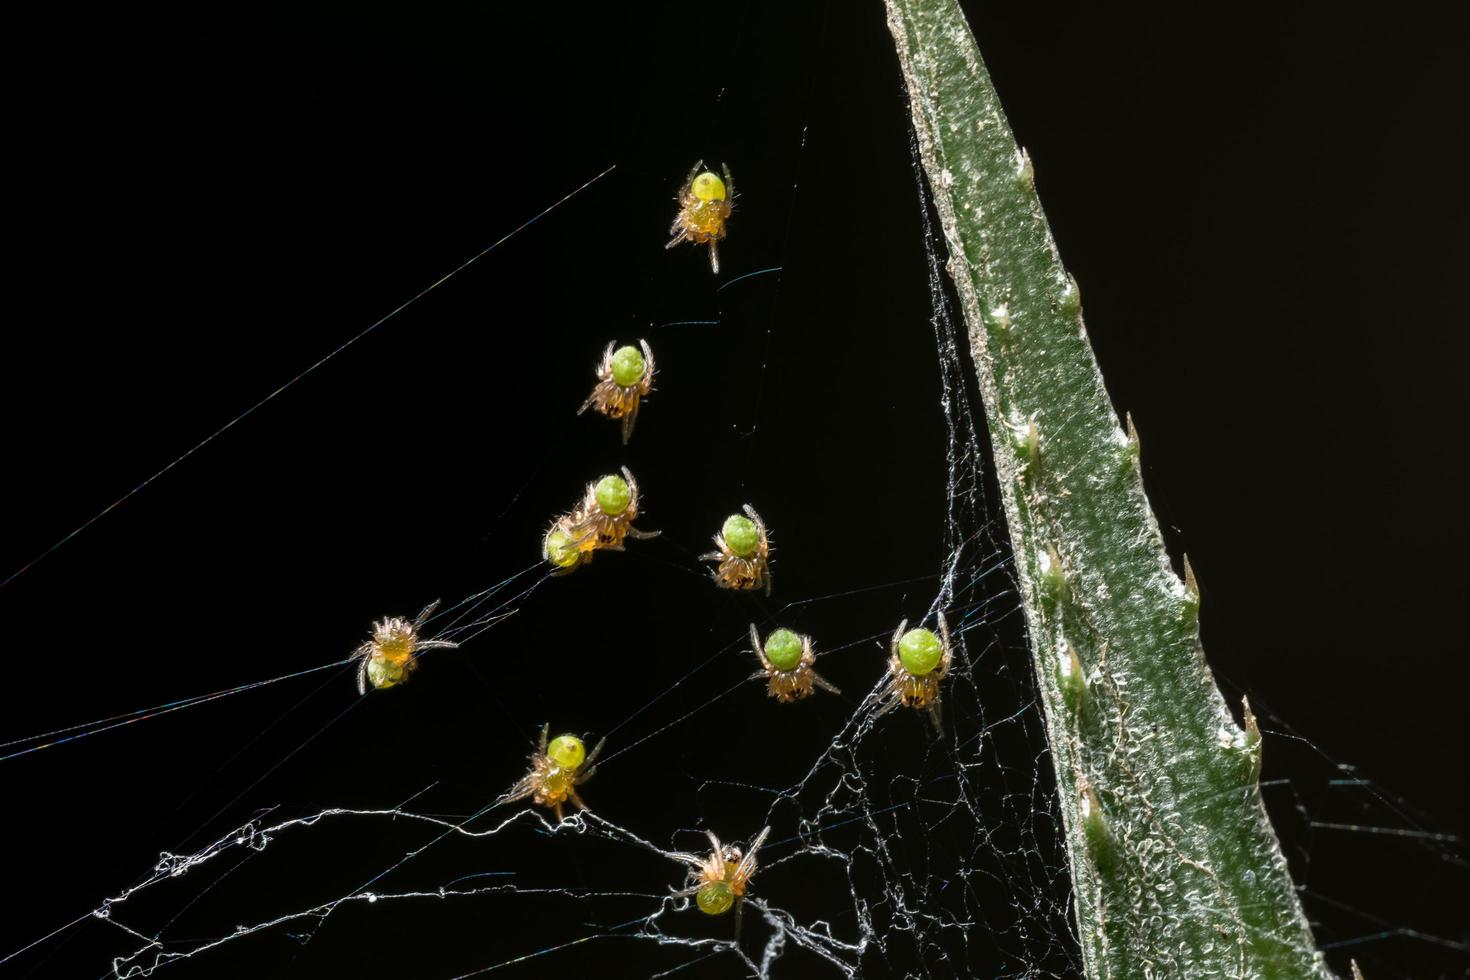 tomar una araña de cerca foto